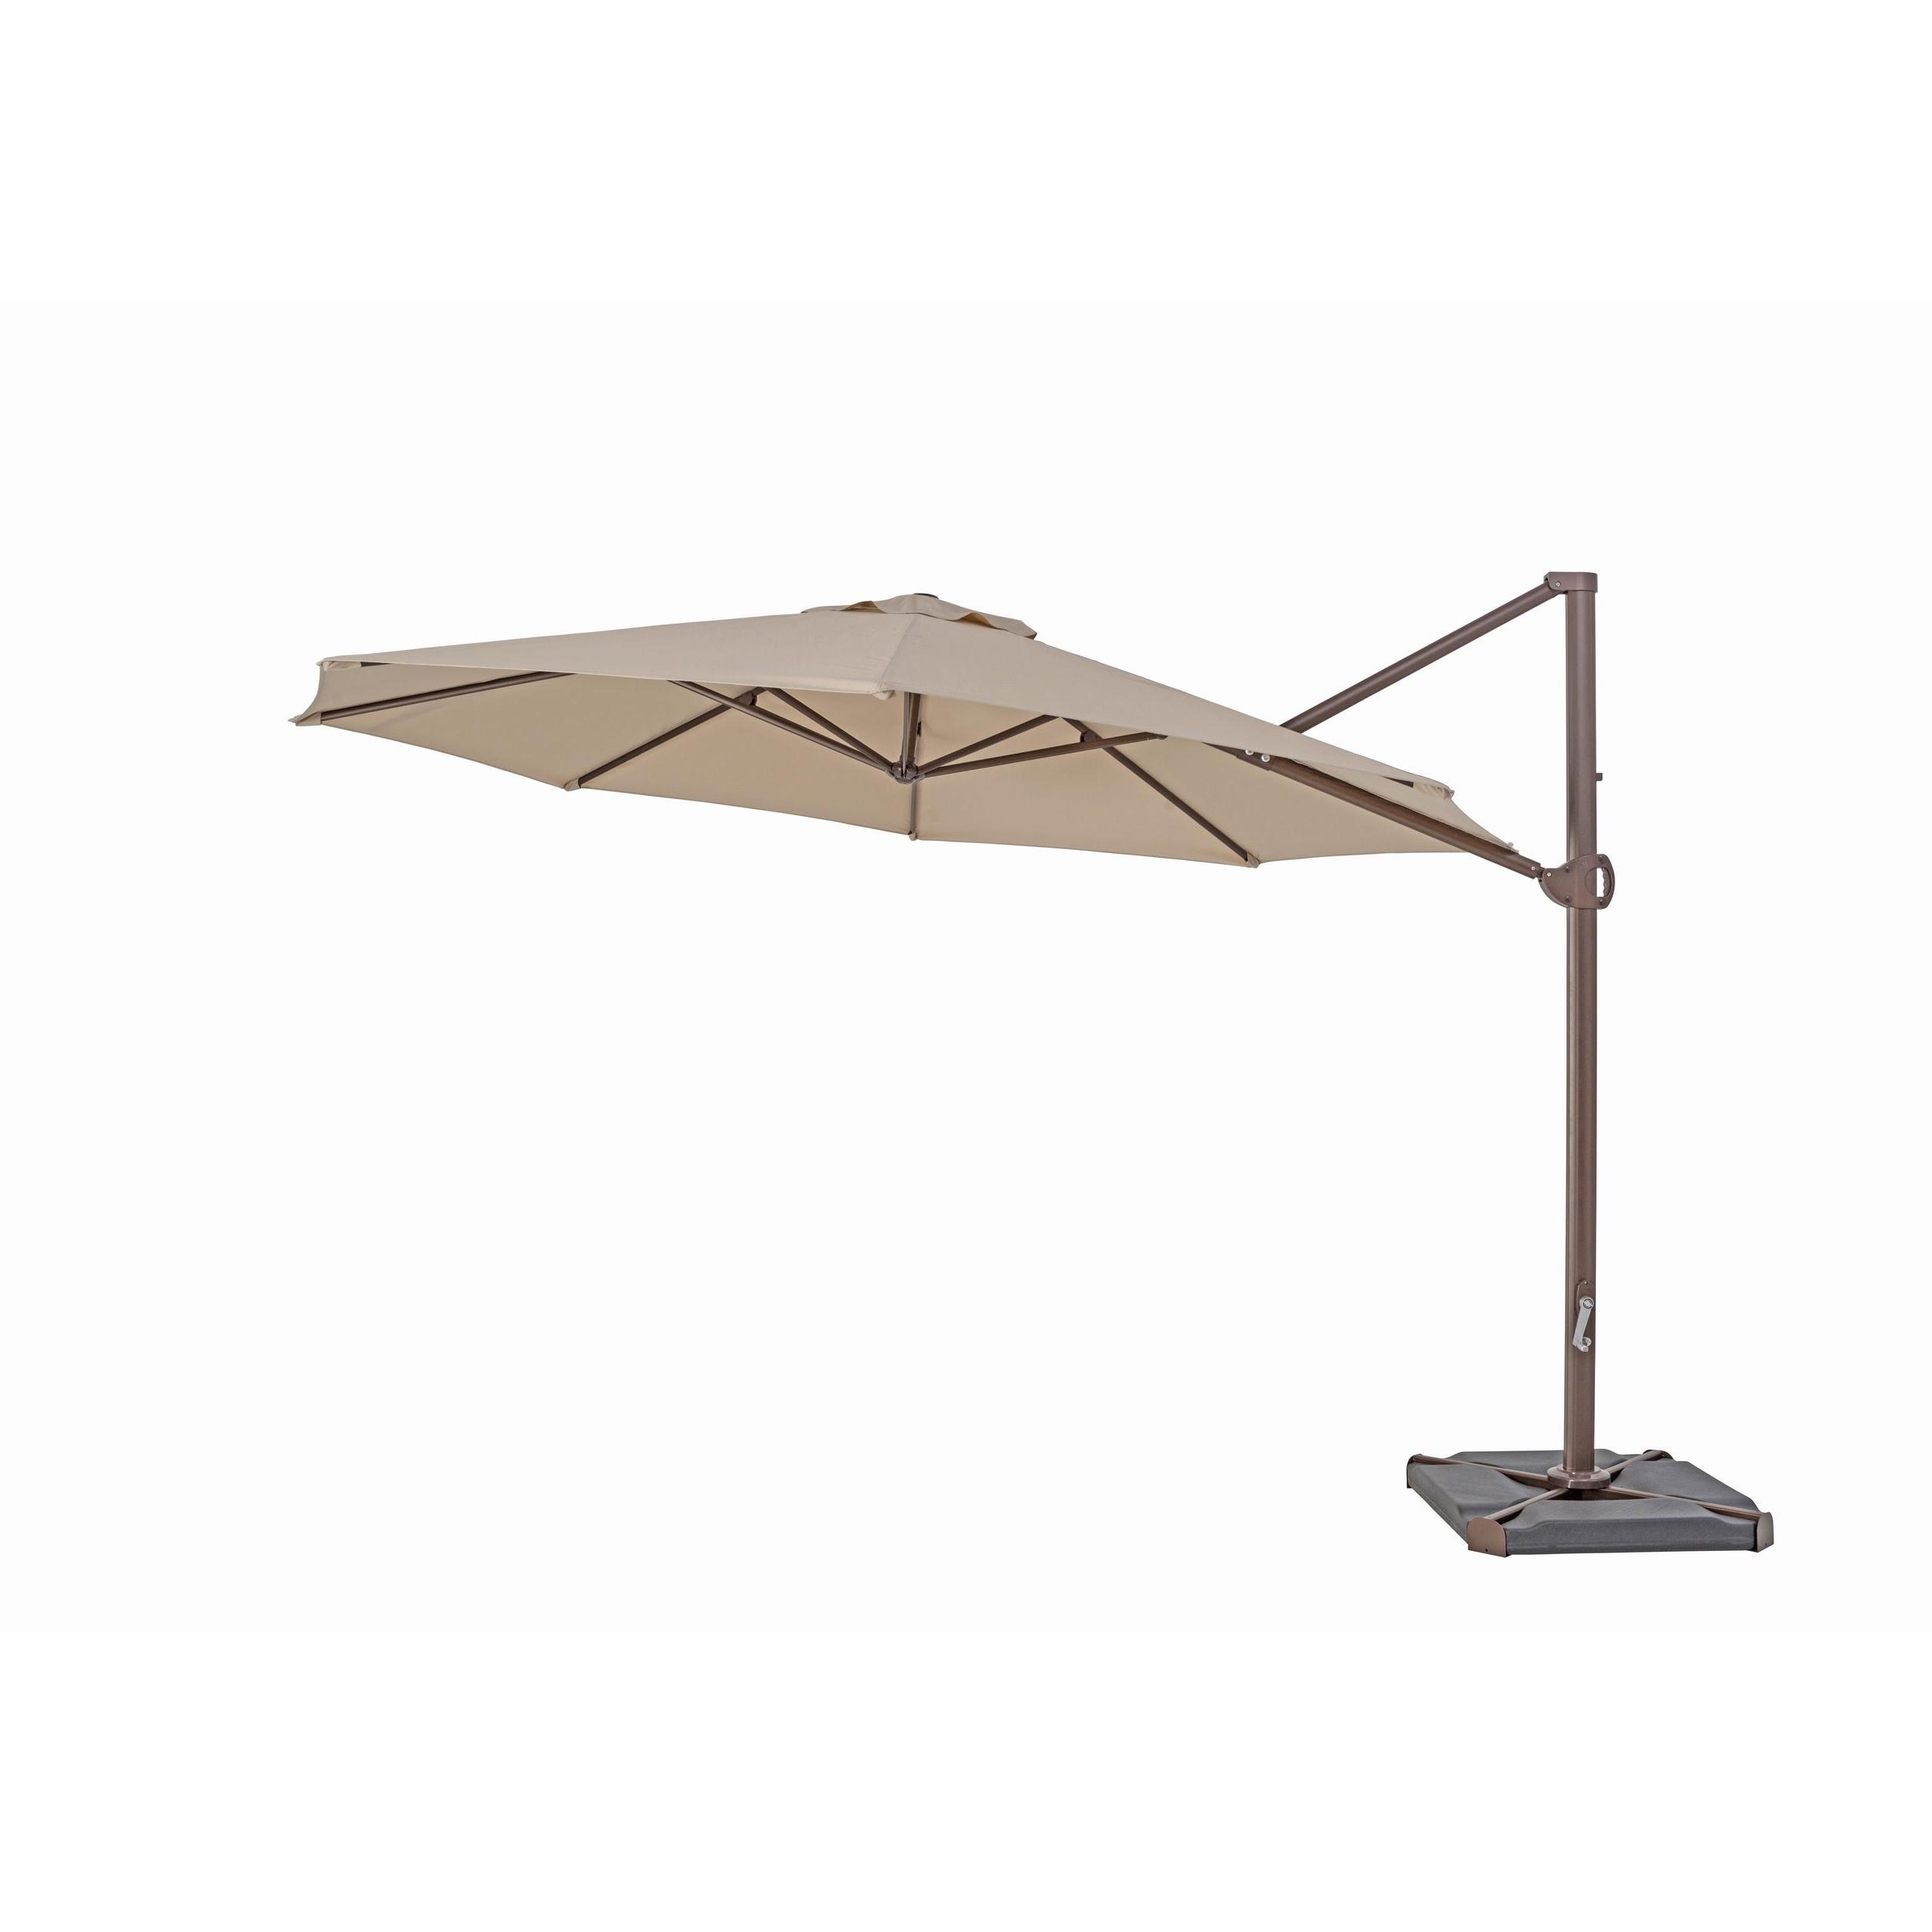 Krystal Square Cantilever Sunbrella Umbrellas For 2019 Trueshade Plus (View 8 of 20)